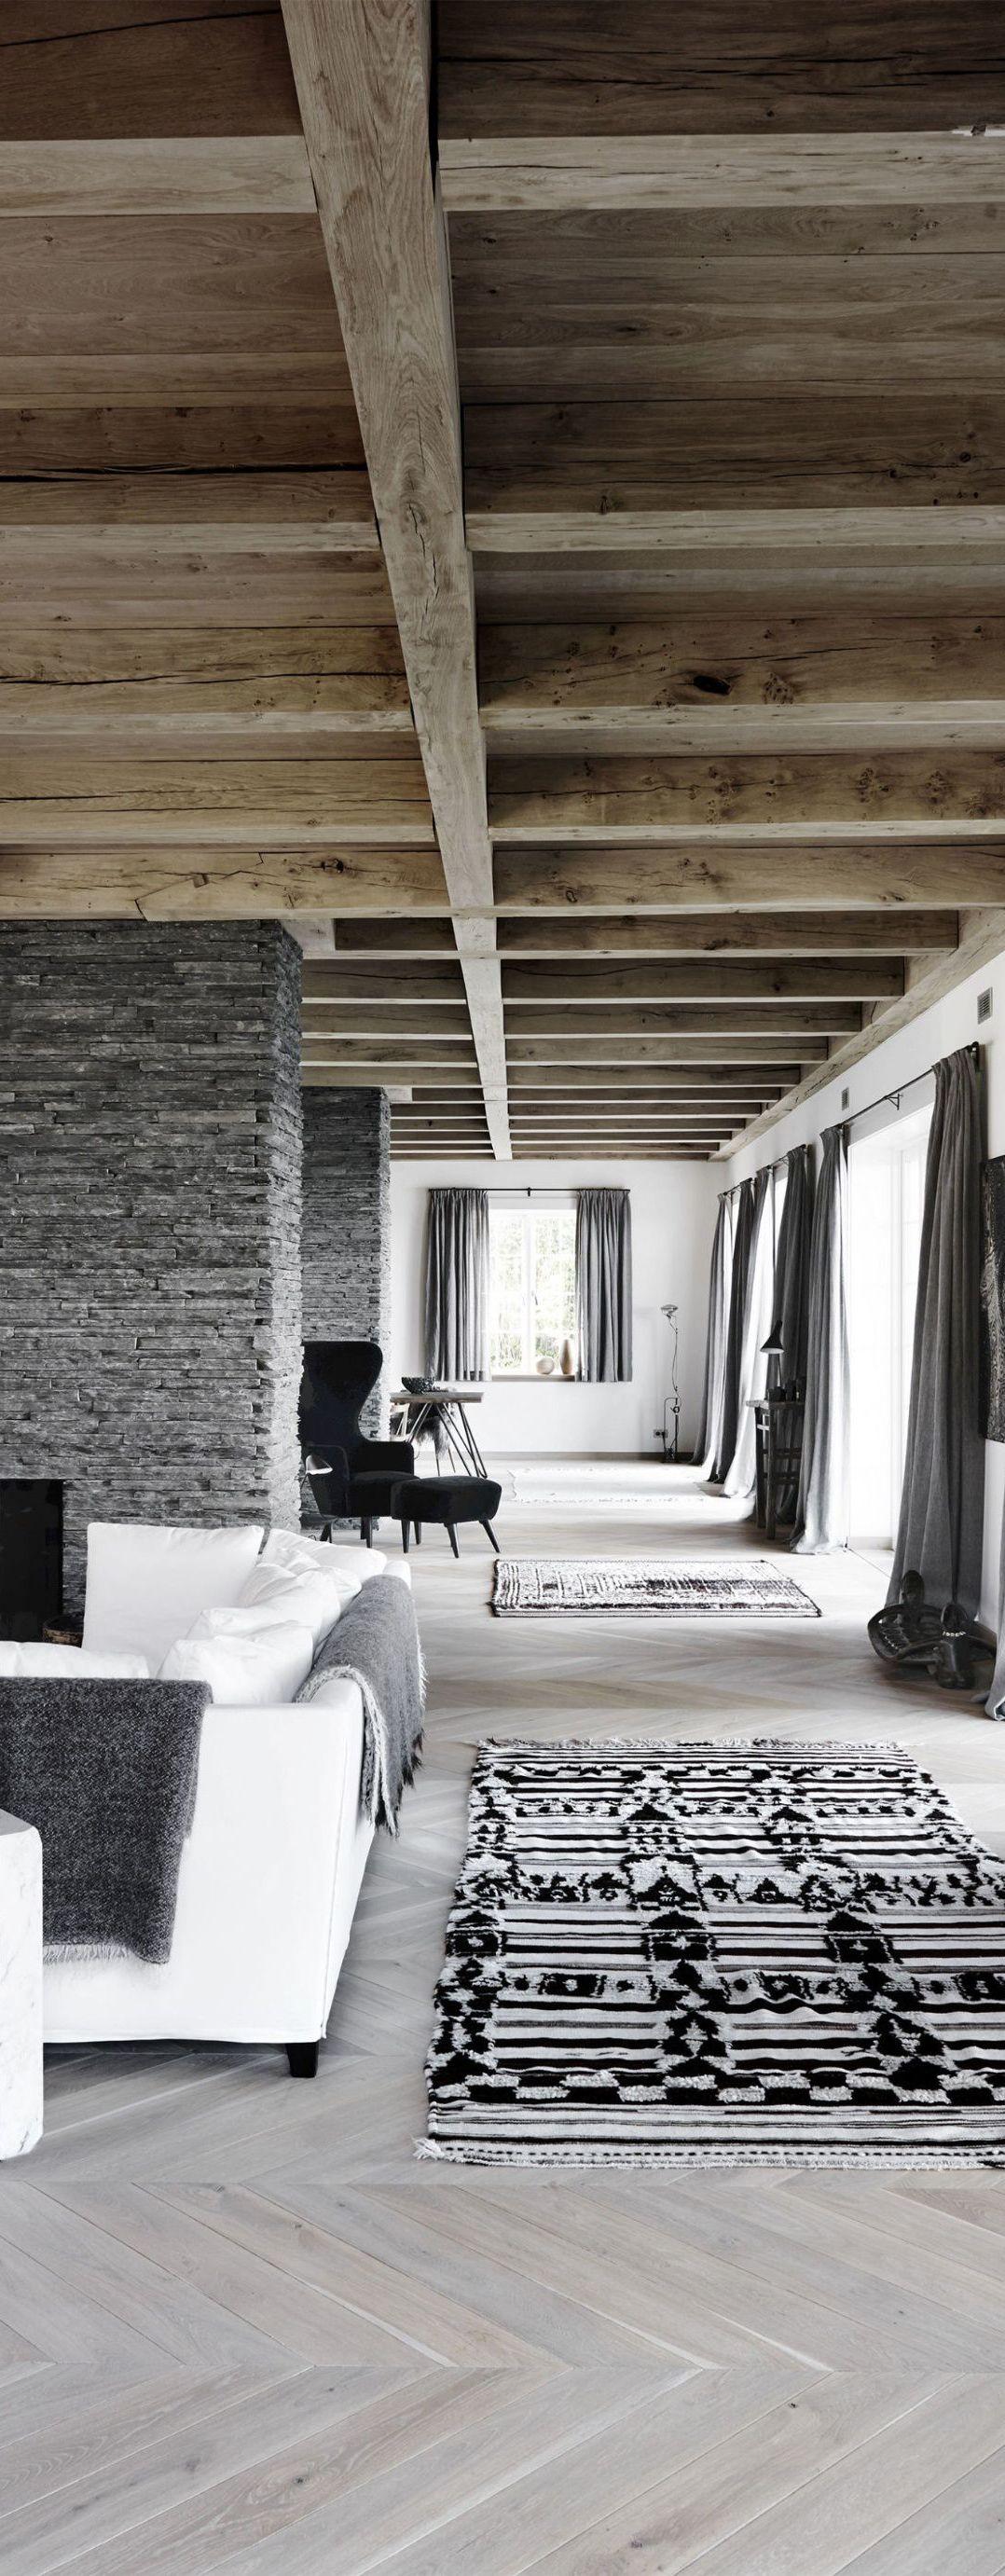 Innenarchitektur wohnzimmer grundrisse home decorating ideas image gallery  salon living rooms